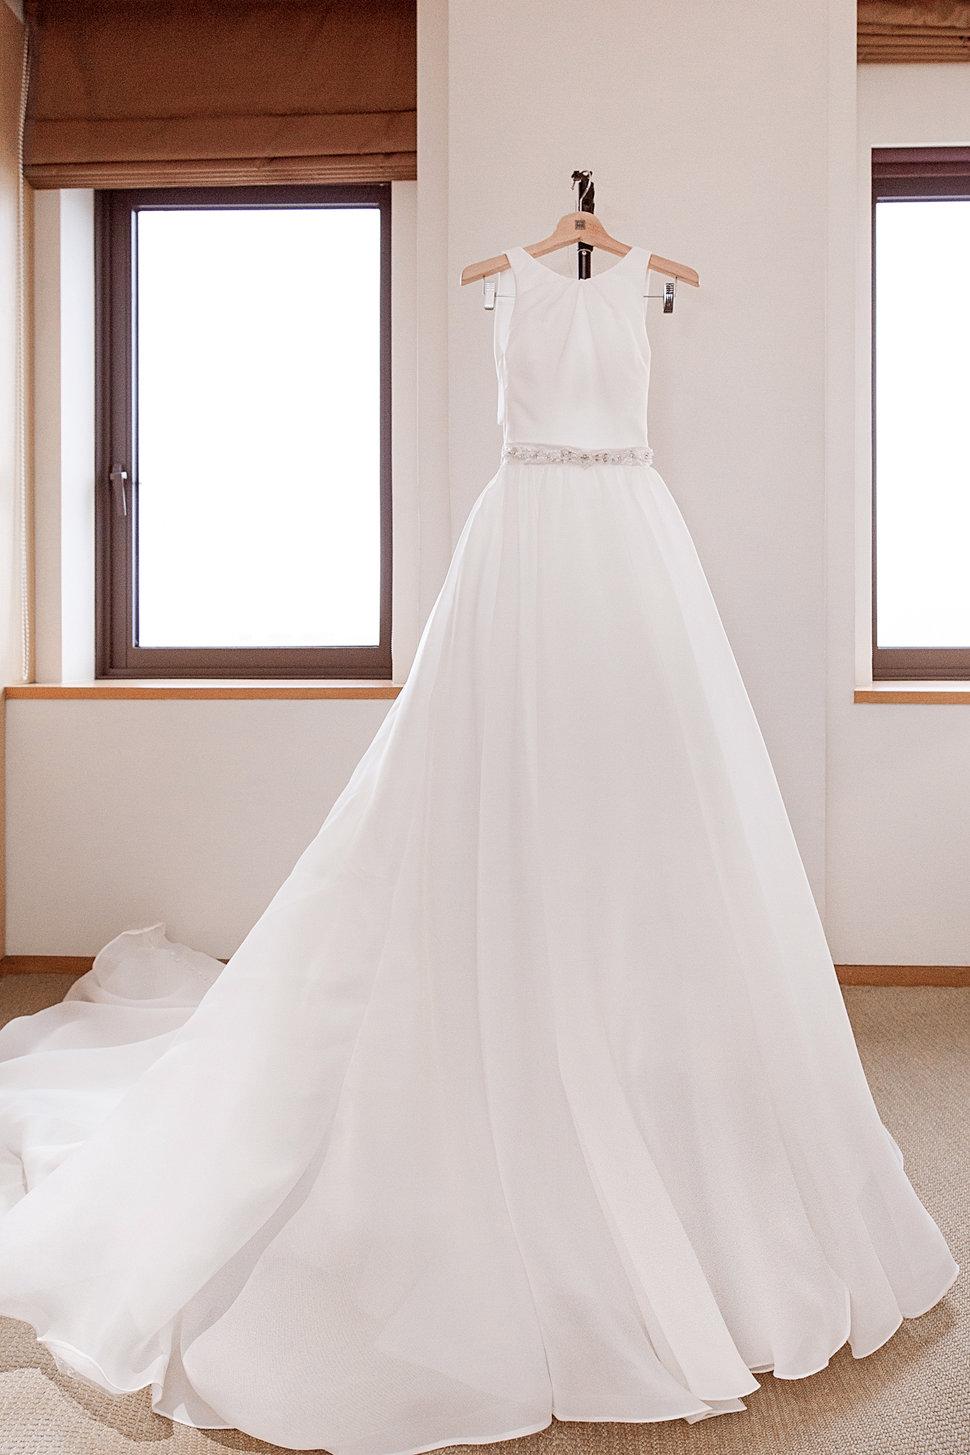 1H6A0055 - Inge Studio英格影像 - 結婚吧